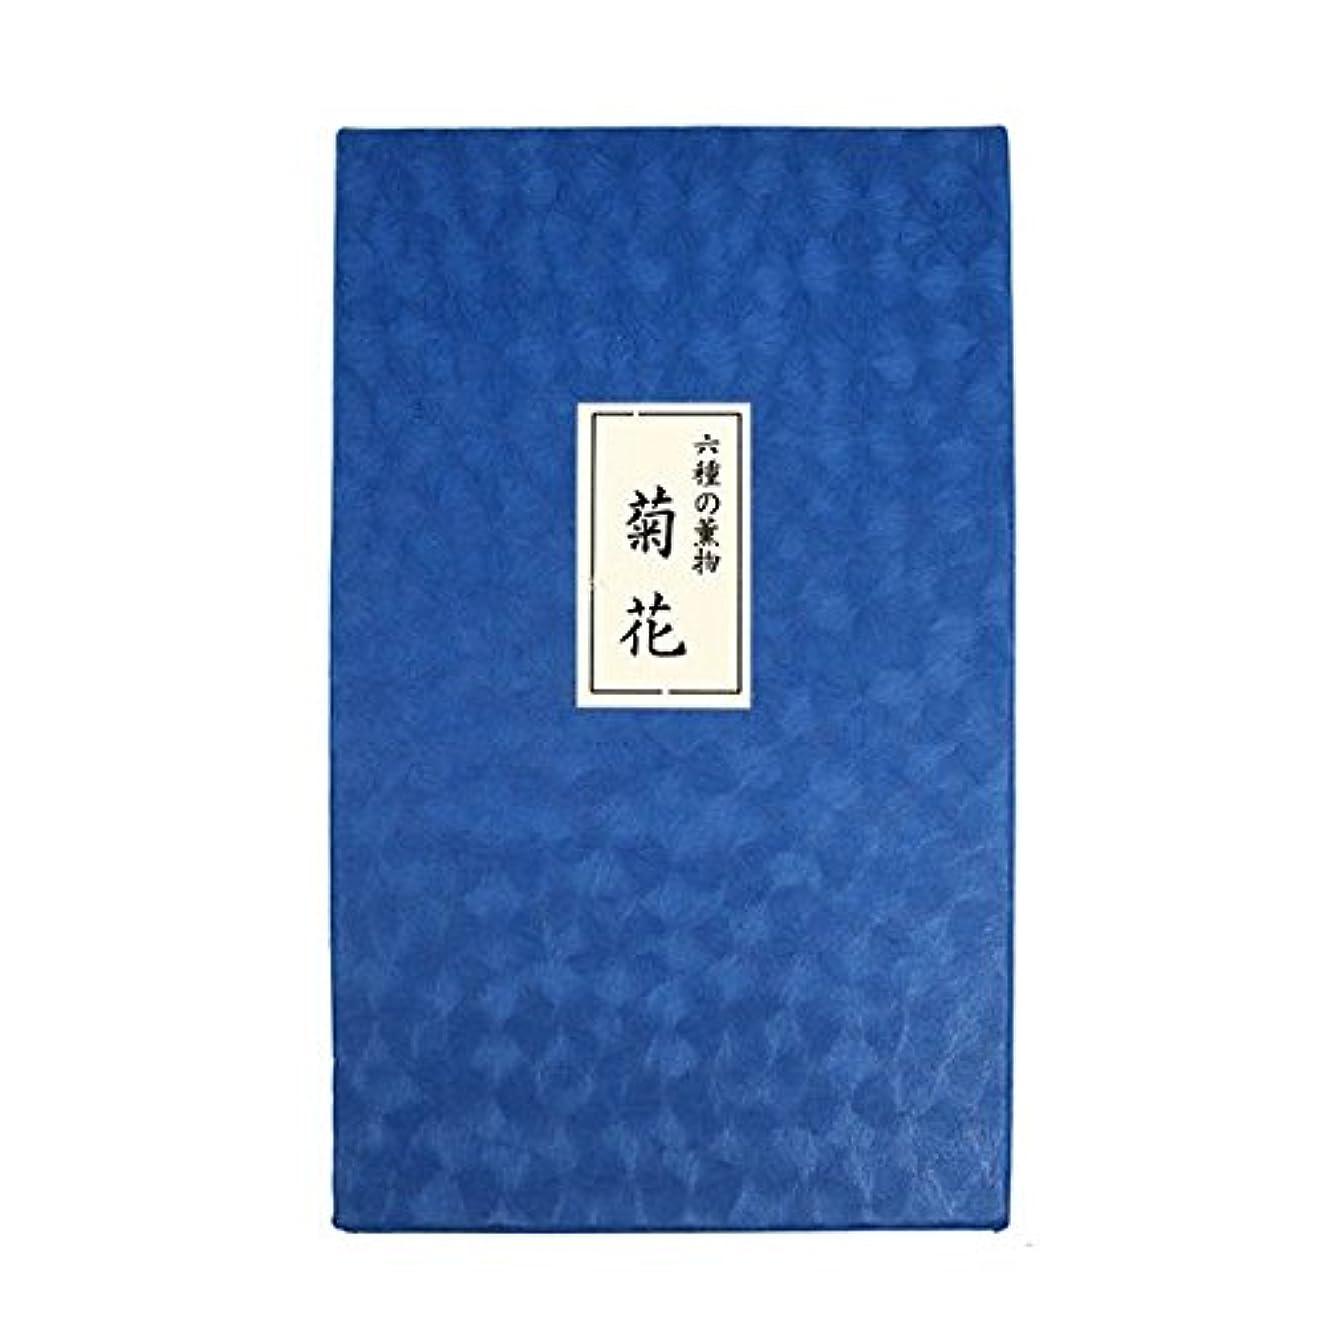 六種の薫物 菊花 貝入畳紙包 紙箱入